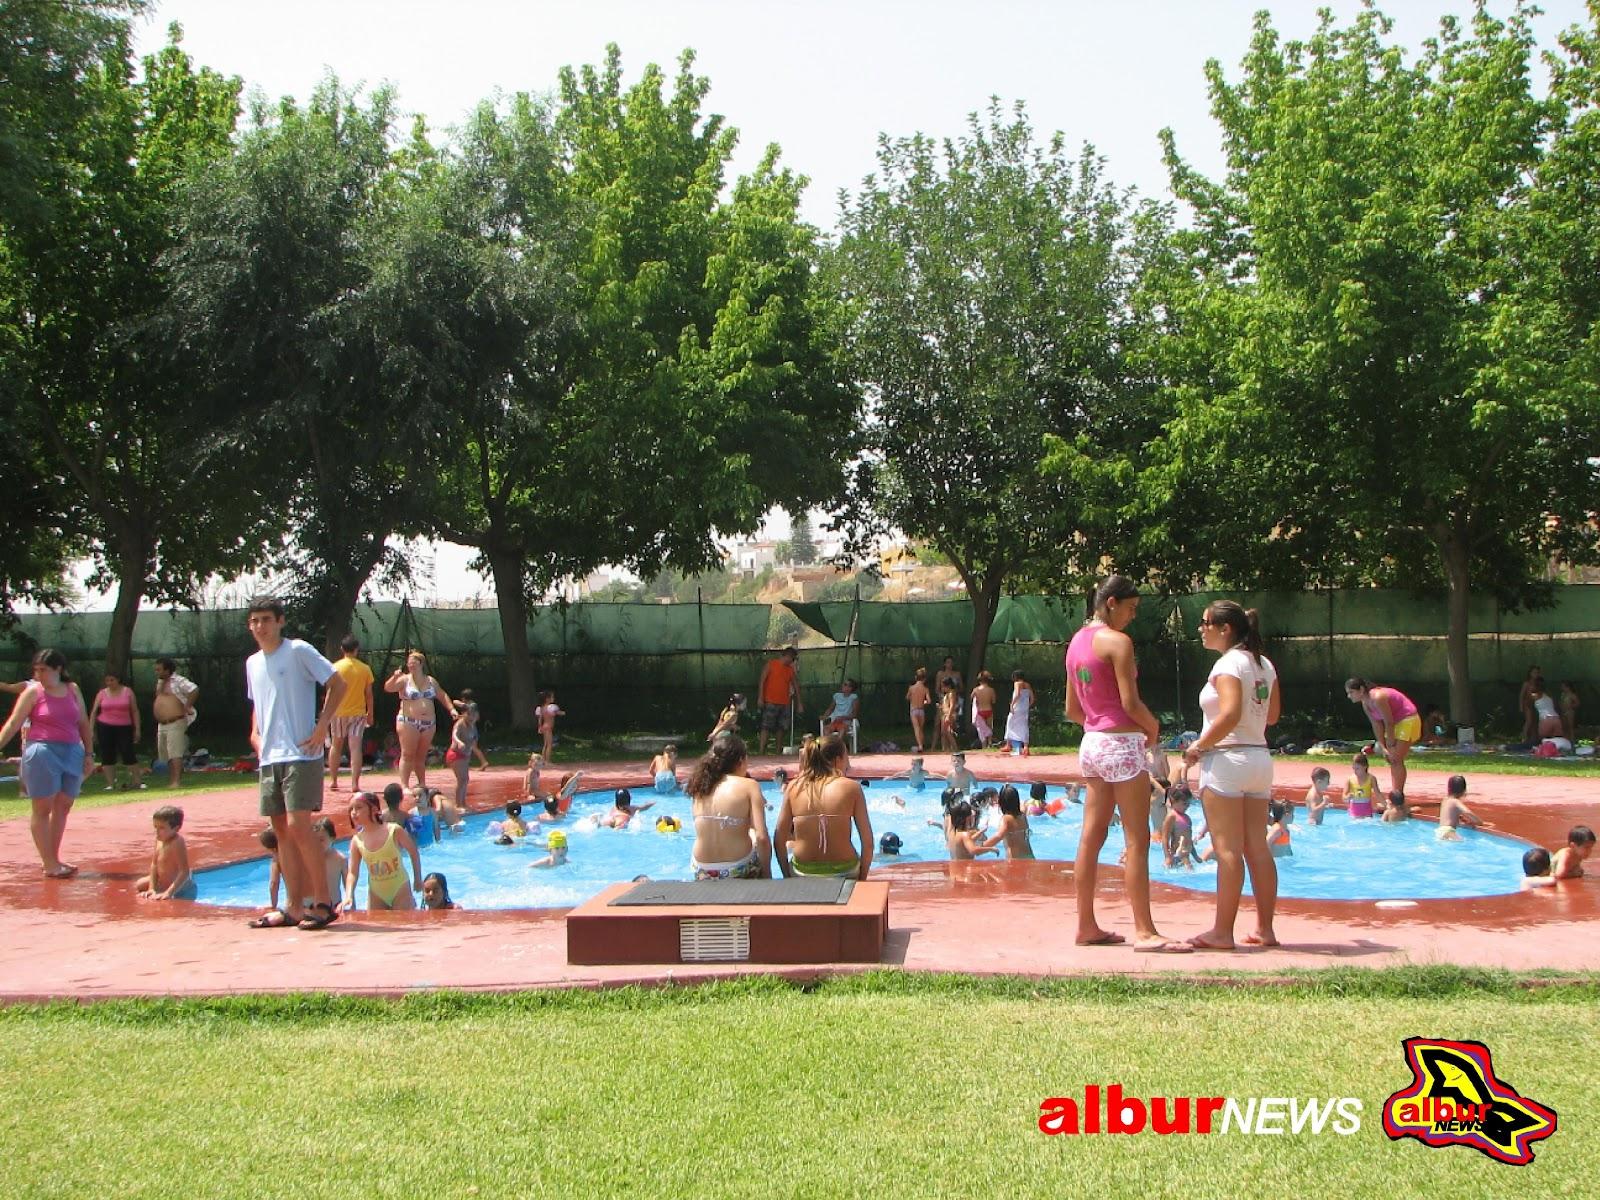 alburnews la piscina de verano de coria abre el 26 de junio